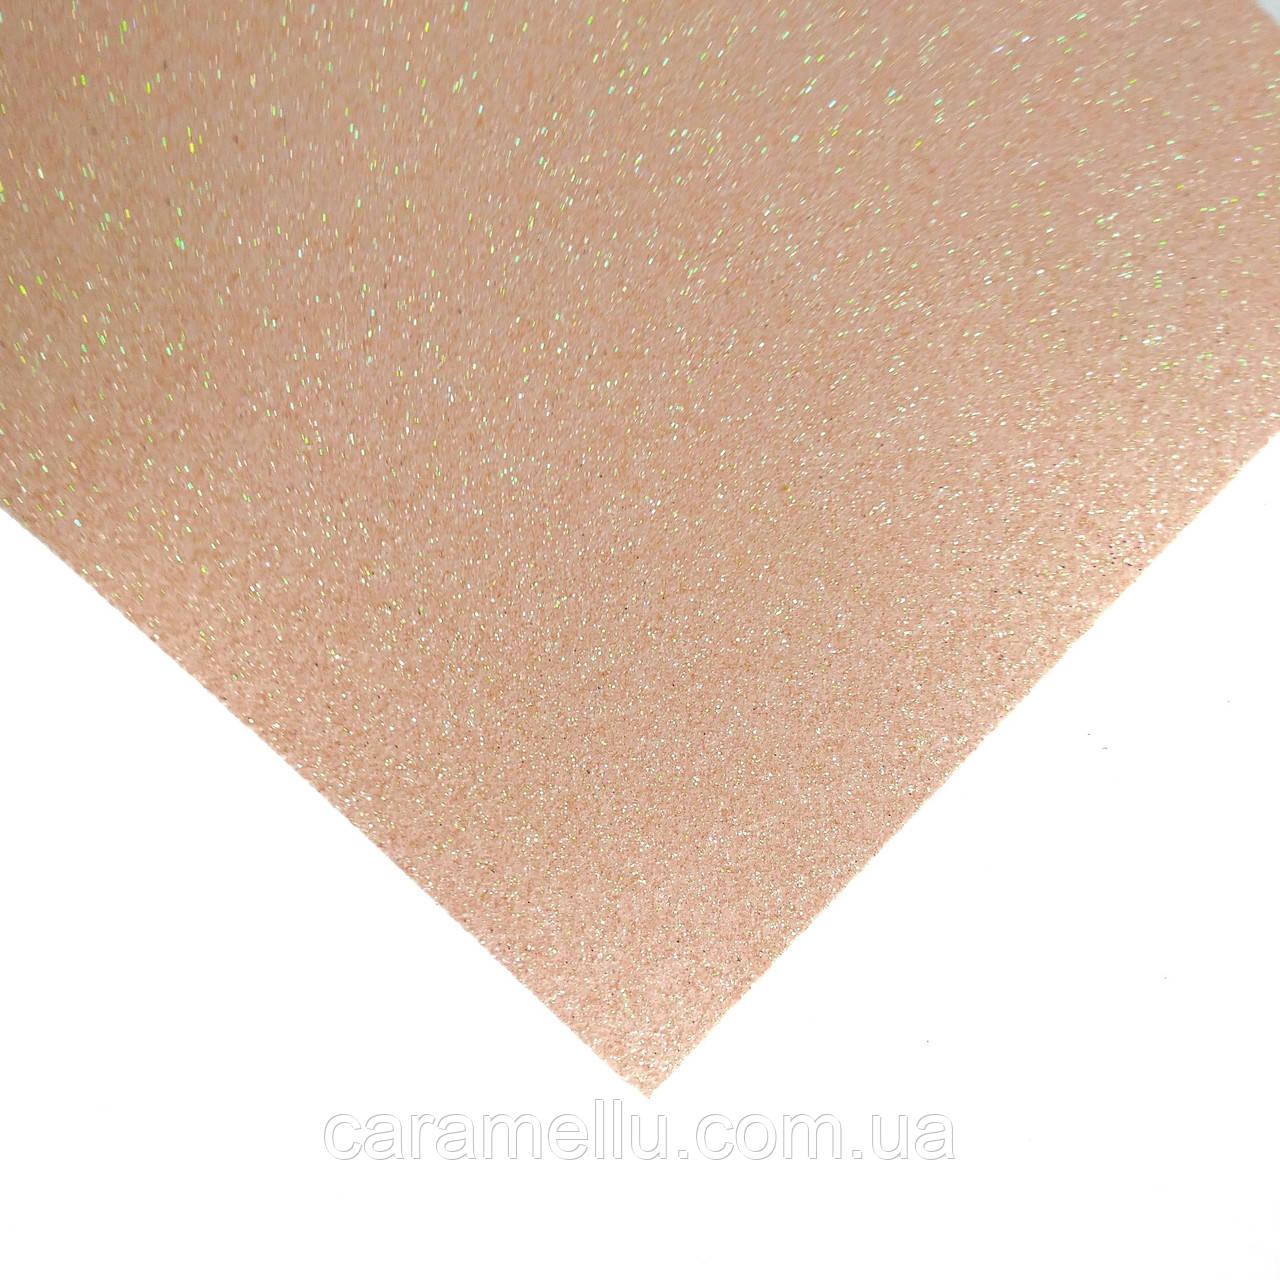 Глиттерный фоамиран 2мм. Персиковый. 40*60 см